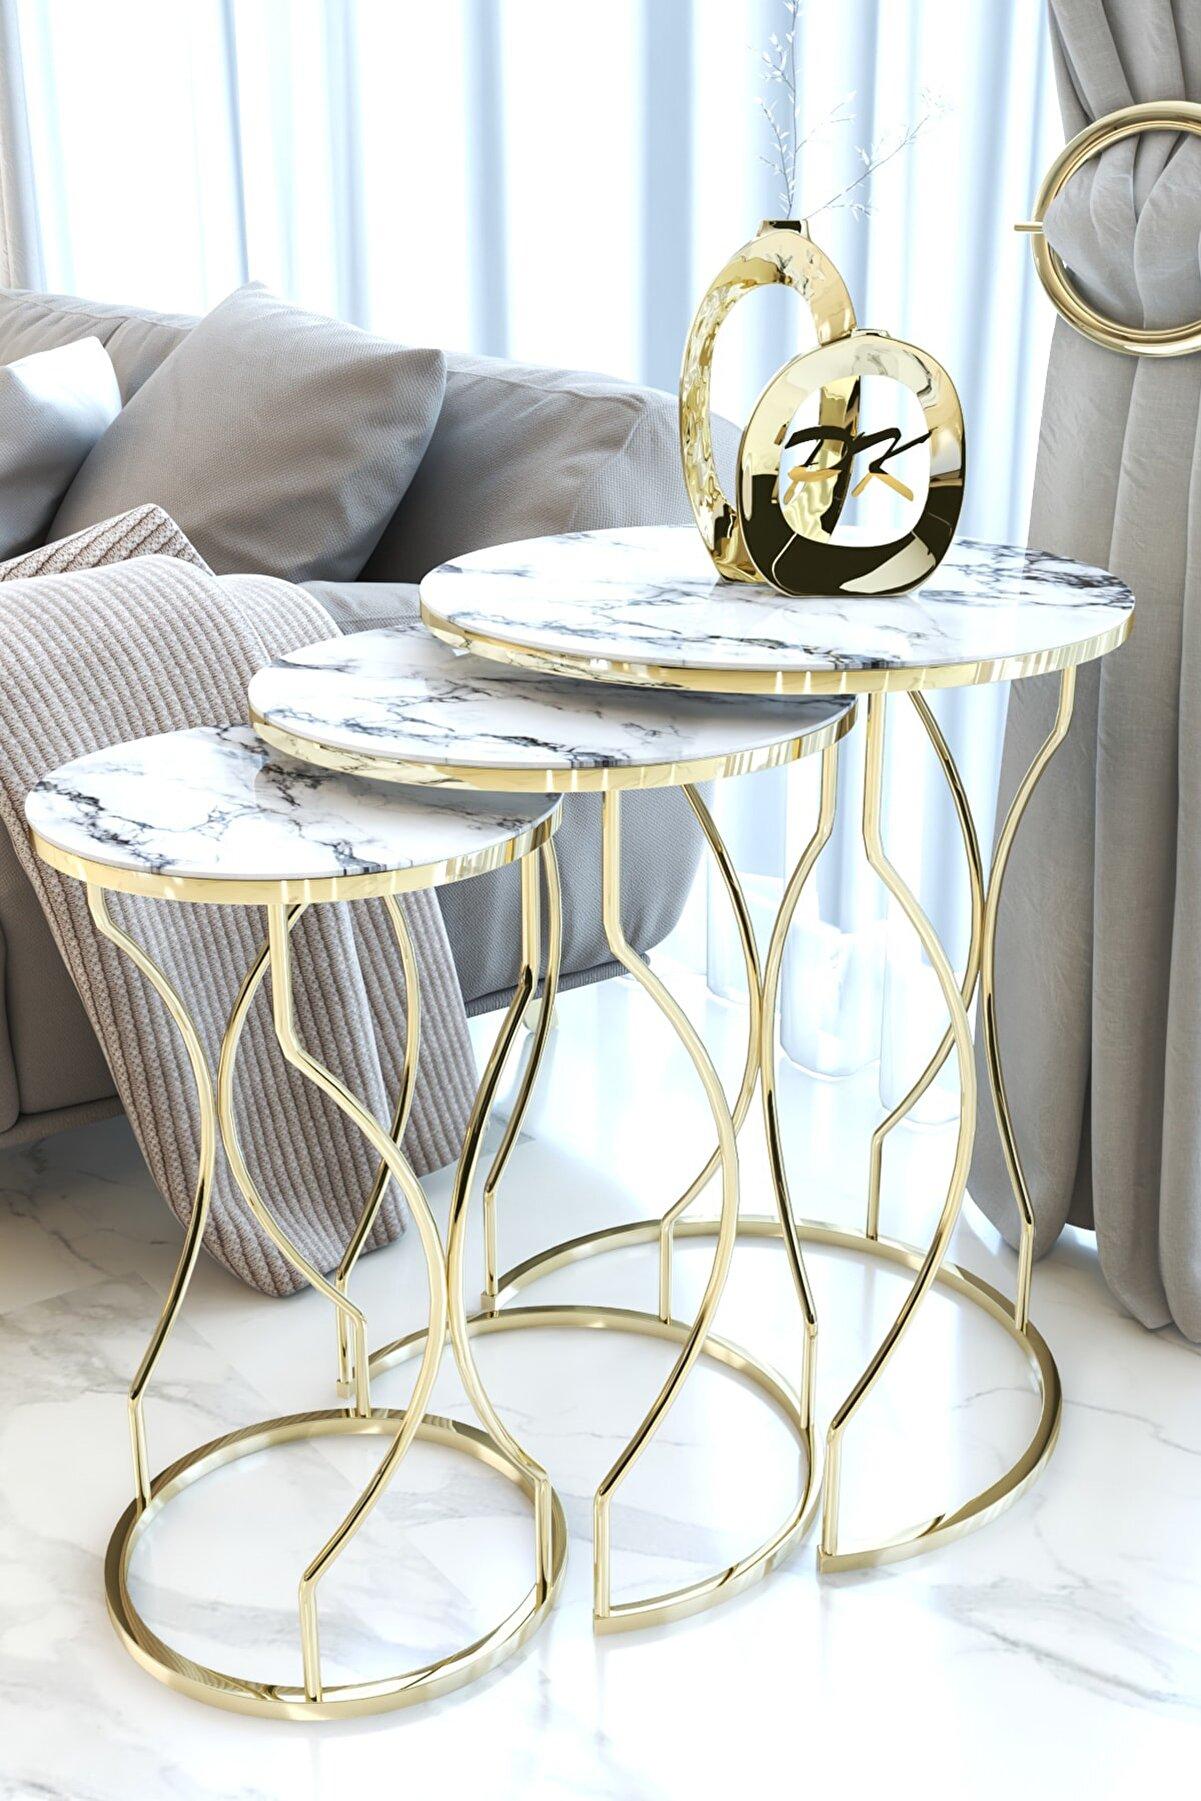 Puklife Kırılmaz Camlı Gold Rüya Model Zigon Sehpa Takımı ( Beyaz Mermer Desenli)